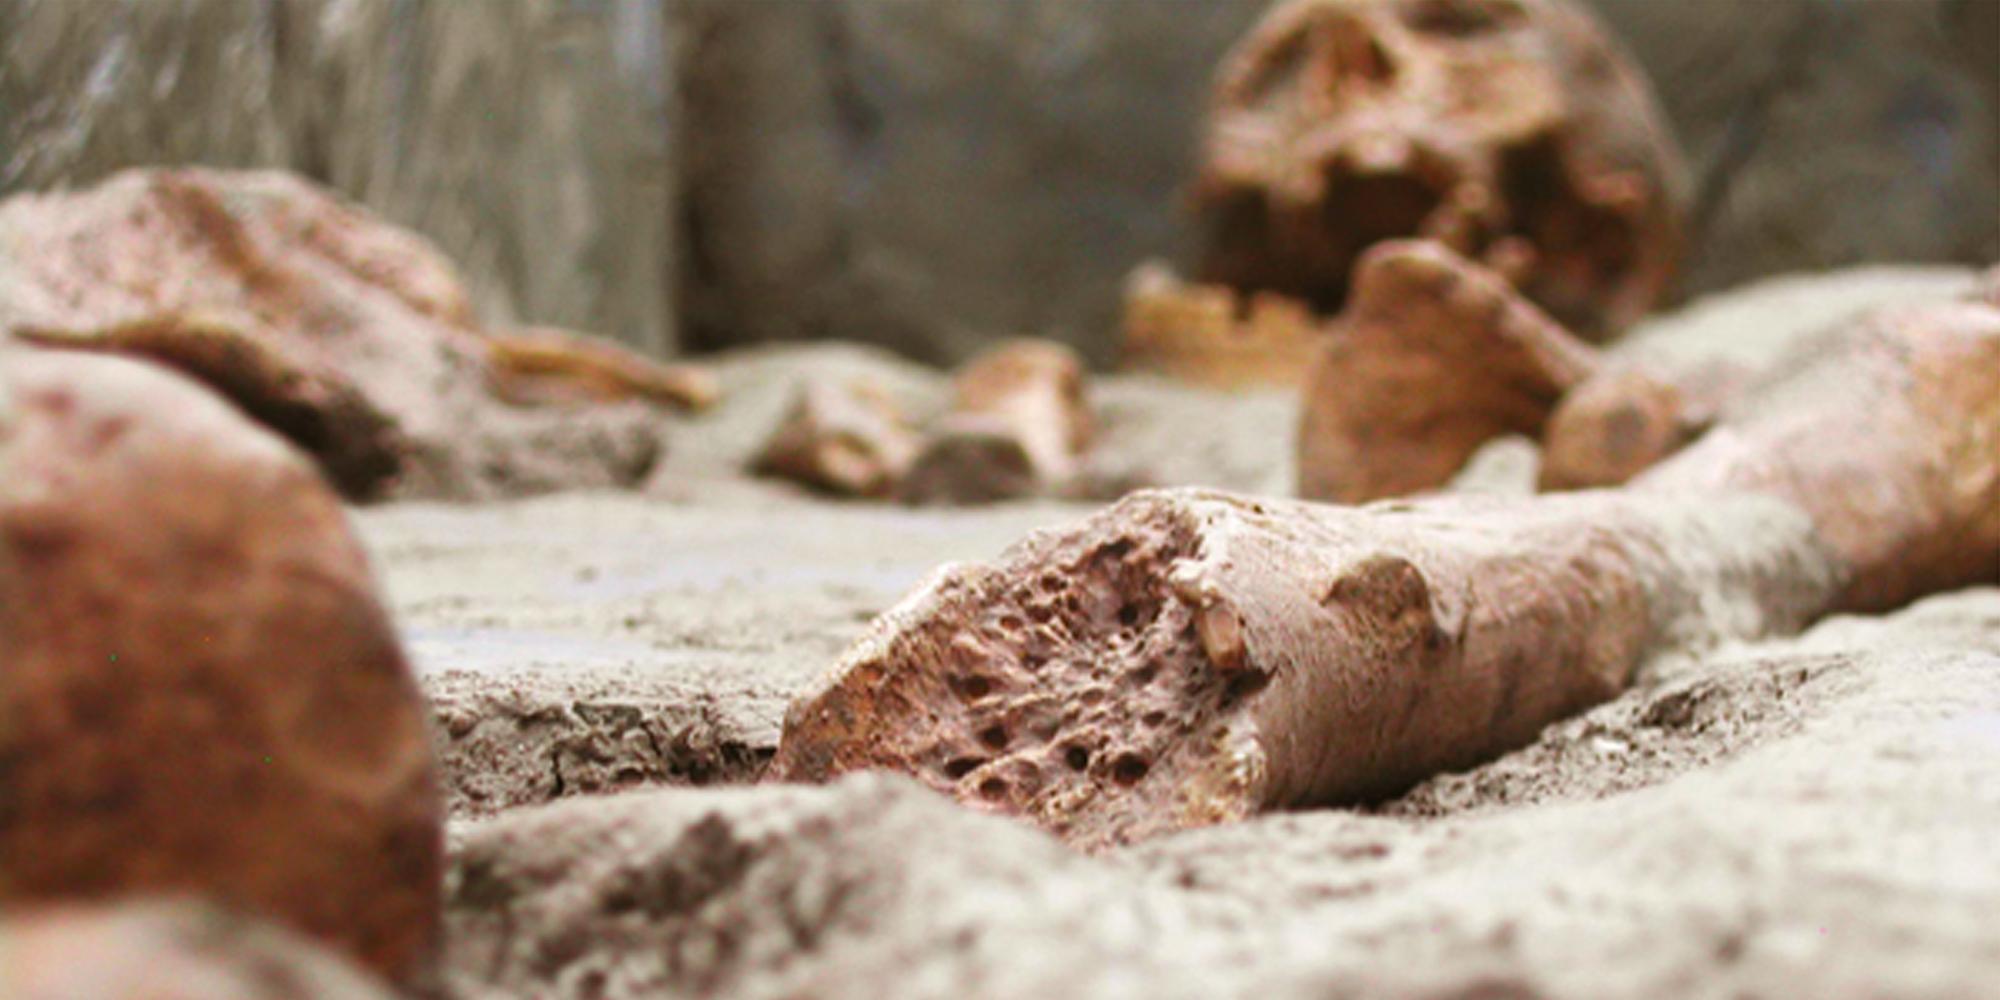 création d'ossements factices et fragments d'os humains factices en résine